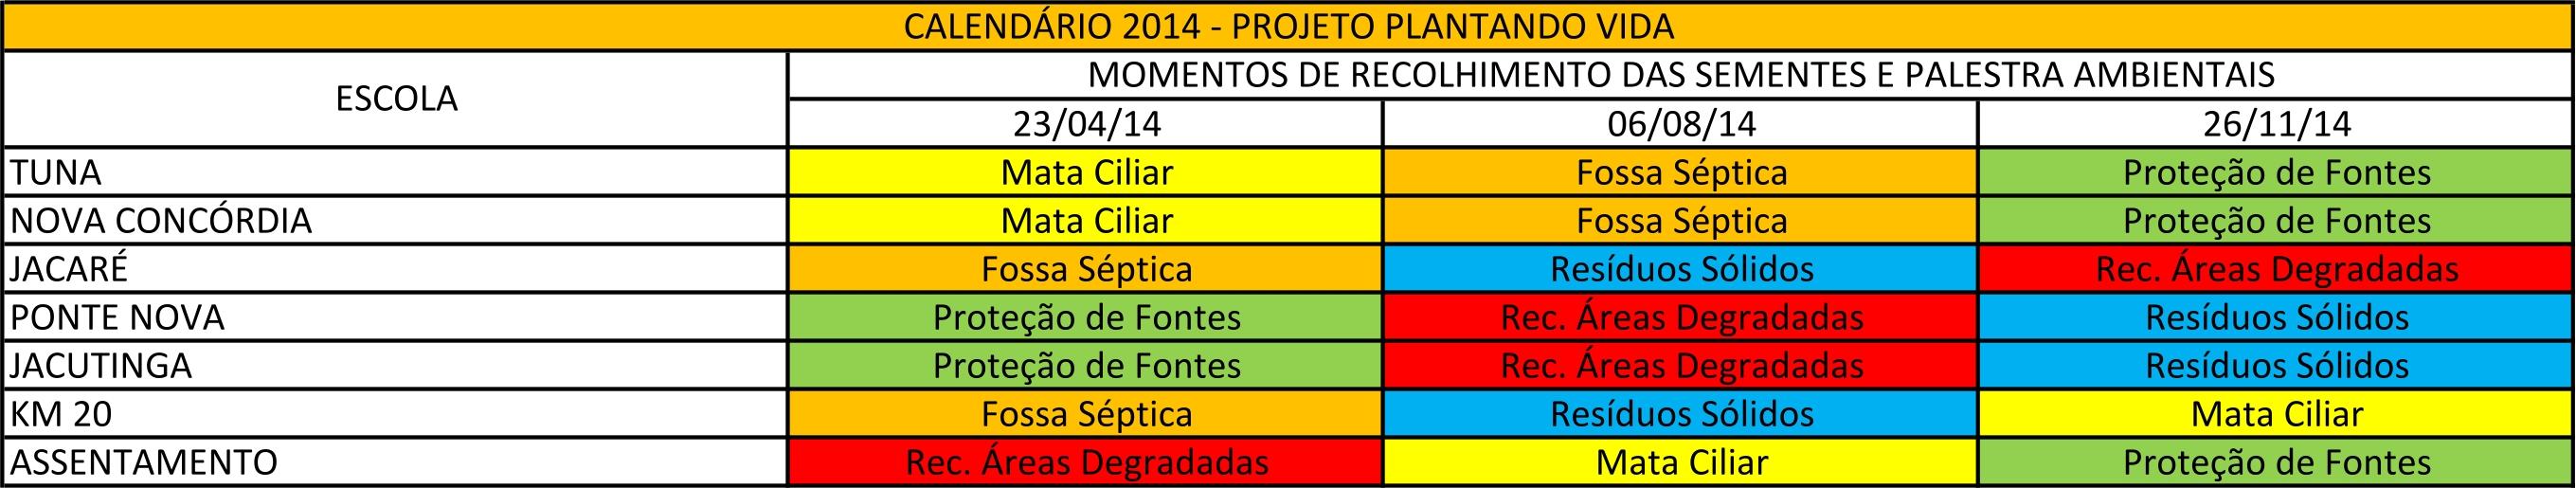 Calendário 2014 plantando vida